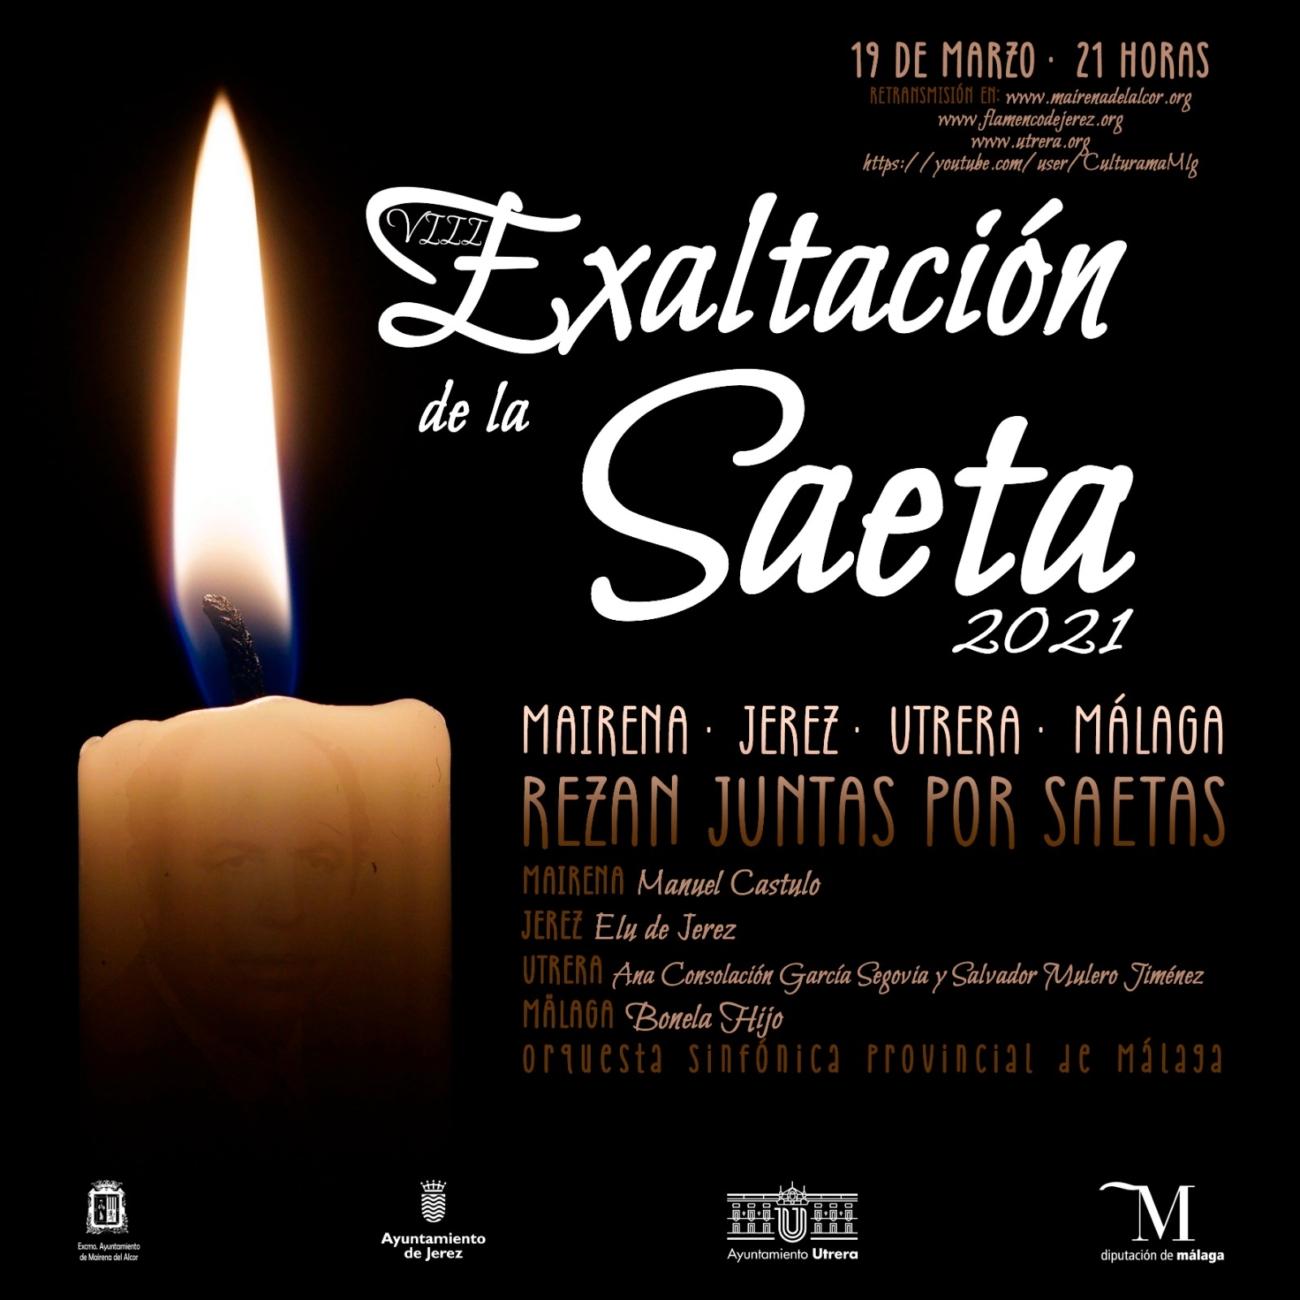 Exaltacion_de_la_Saeta